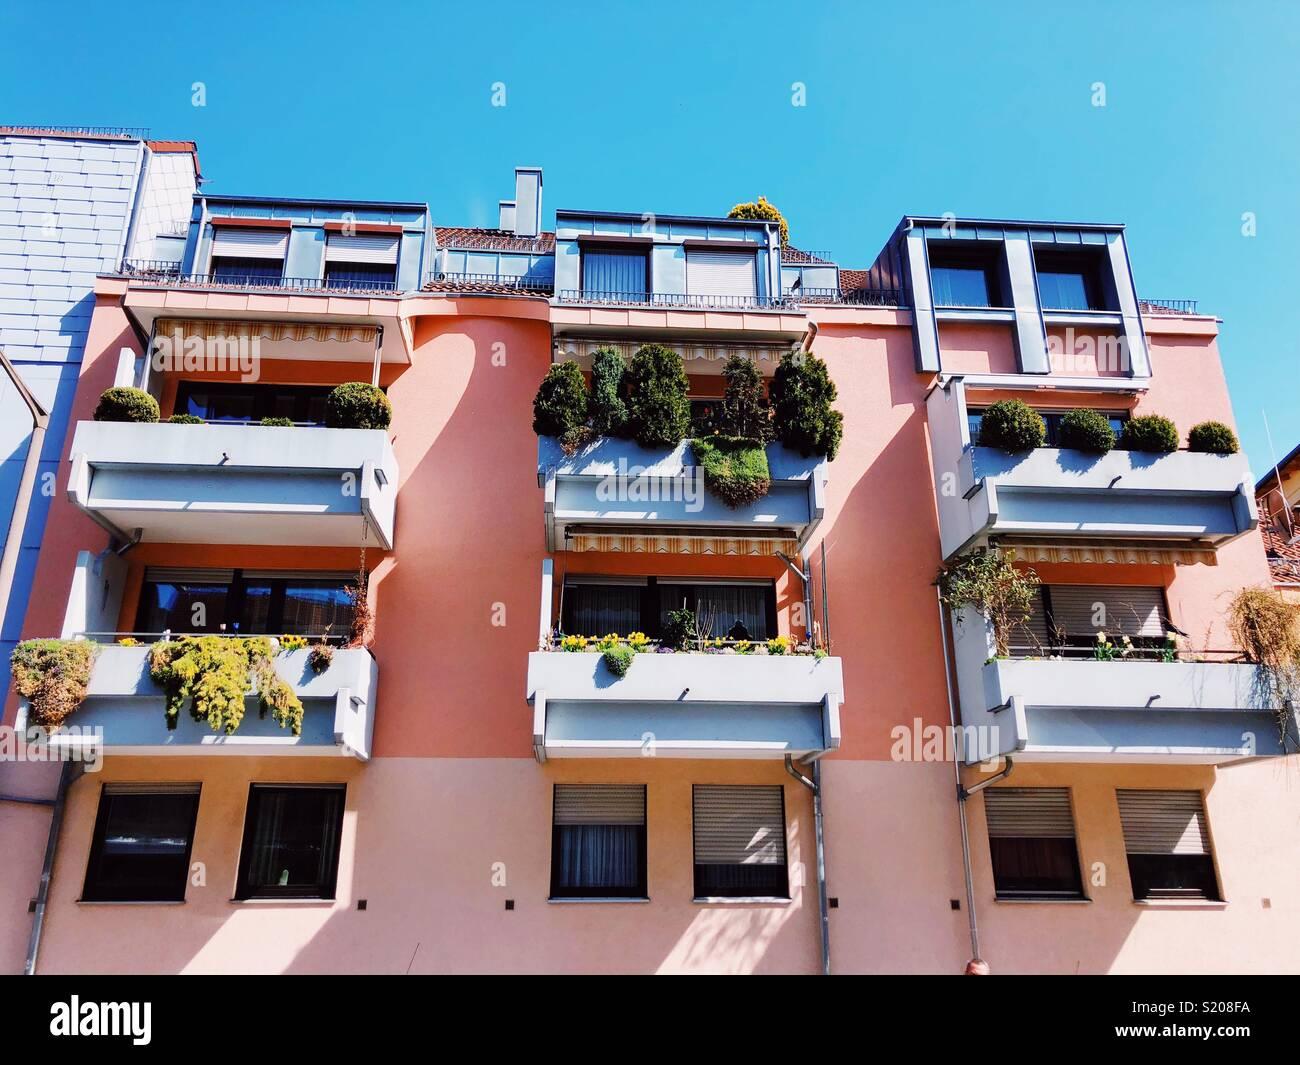 Printemps dans la ville. Maisons colorées avec des pots verts sur le balcon Photo Stock